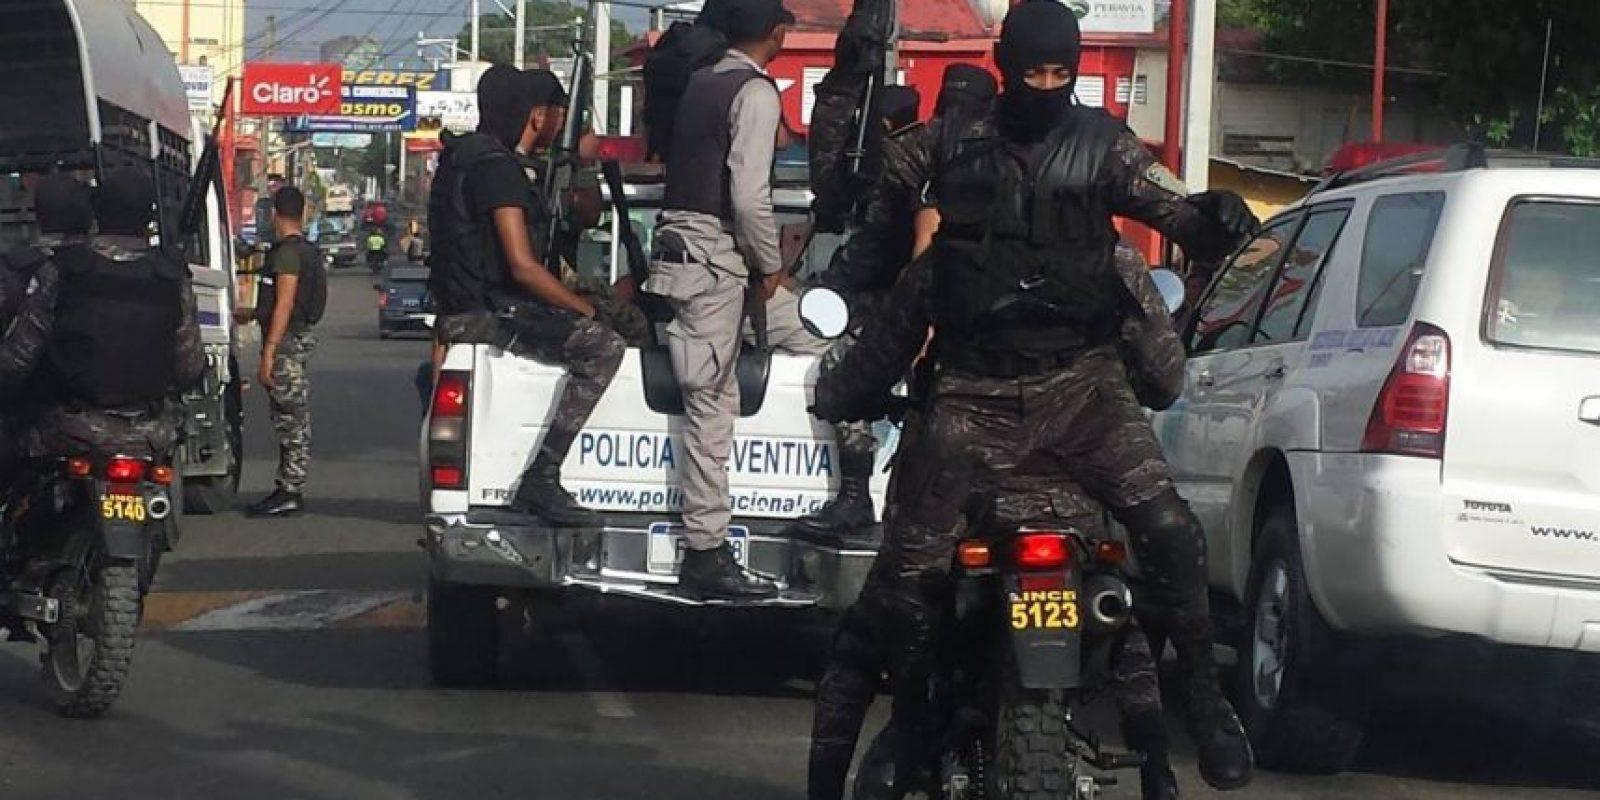 """Auge de delincuencia genera nuevo modelo de patrullaje. Al inicio de semana la Policía Nacional lanzó un nuevo modelo de patrullaje con el fin de detener la delincuencia y cuyos resultados, dijo el jefe de la uniformada, Nelson Peguero Paredes, """"esperamos que sean tangibles"""".A la iniciativa, que en su primera etapa beneficiará al Gran Santo Domingo, serán integrados agentes de la Dirección Central de Investigaciones Criminales, más miembros de la institución, quienes contarán con 50 nuevas motocicletas. Foto:Feunte externa"""